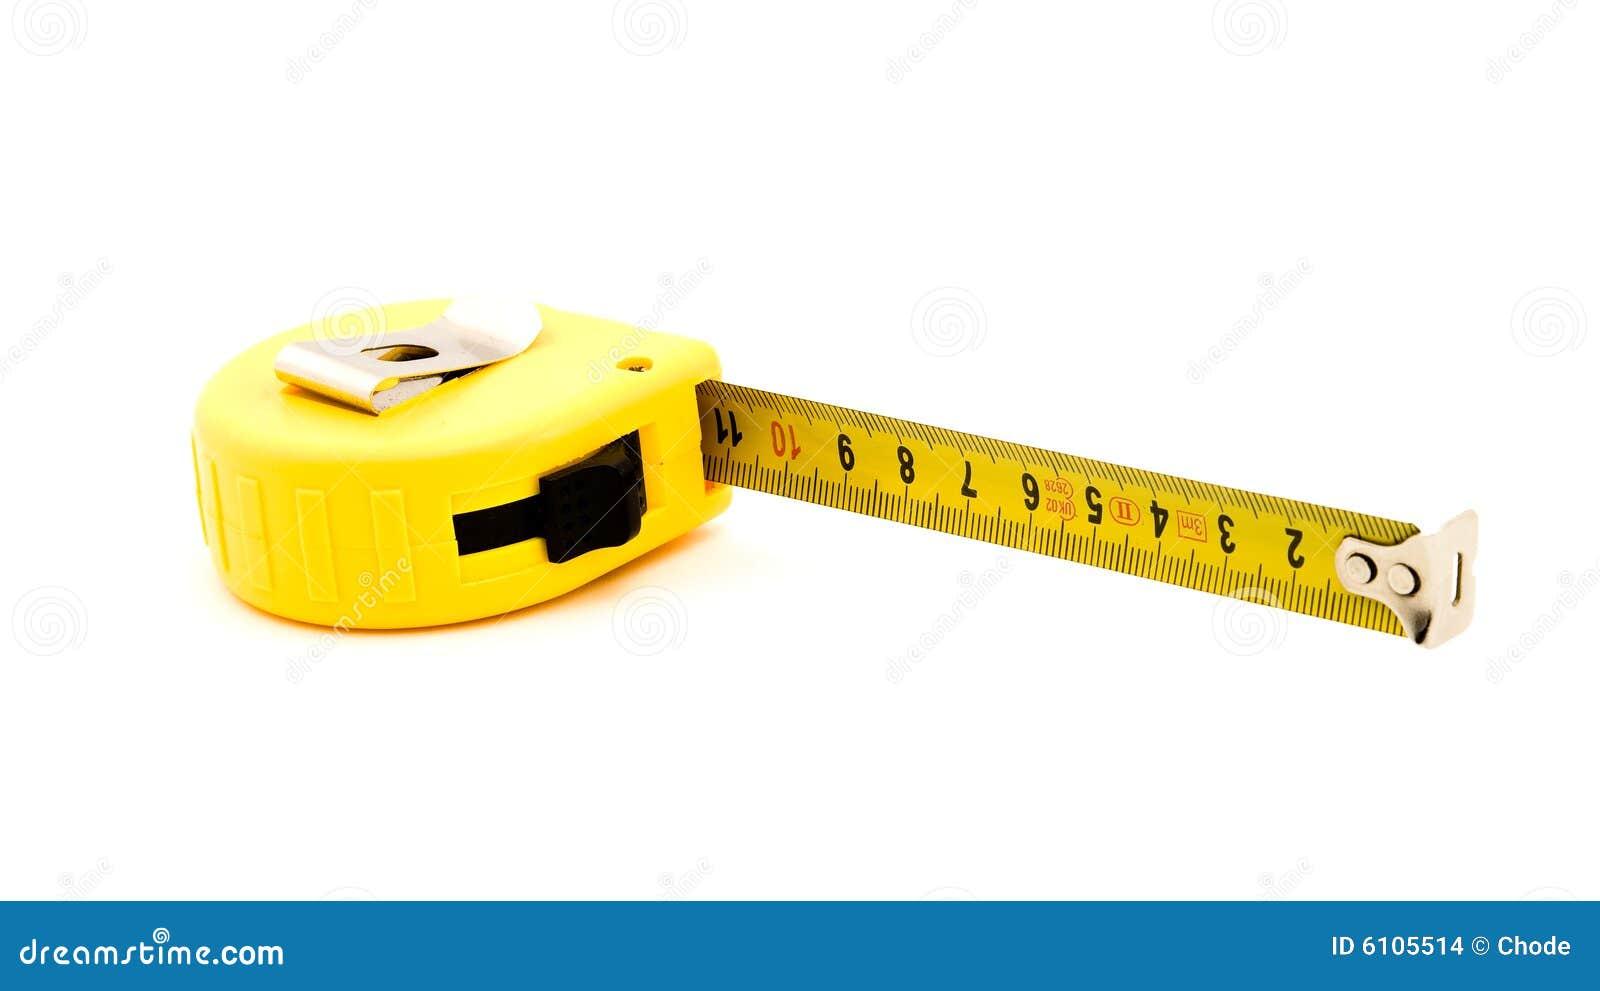 Измерительная рулетка википедия онлайн казино рулетка лохотрон